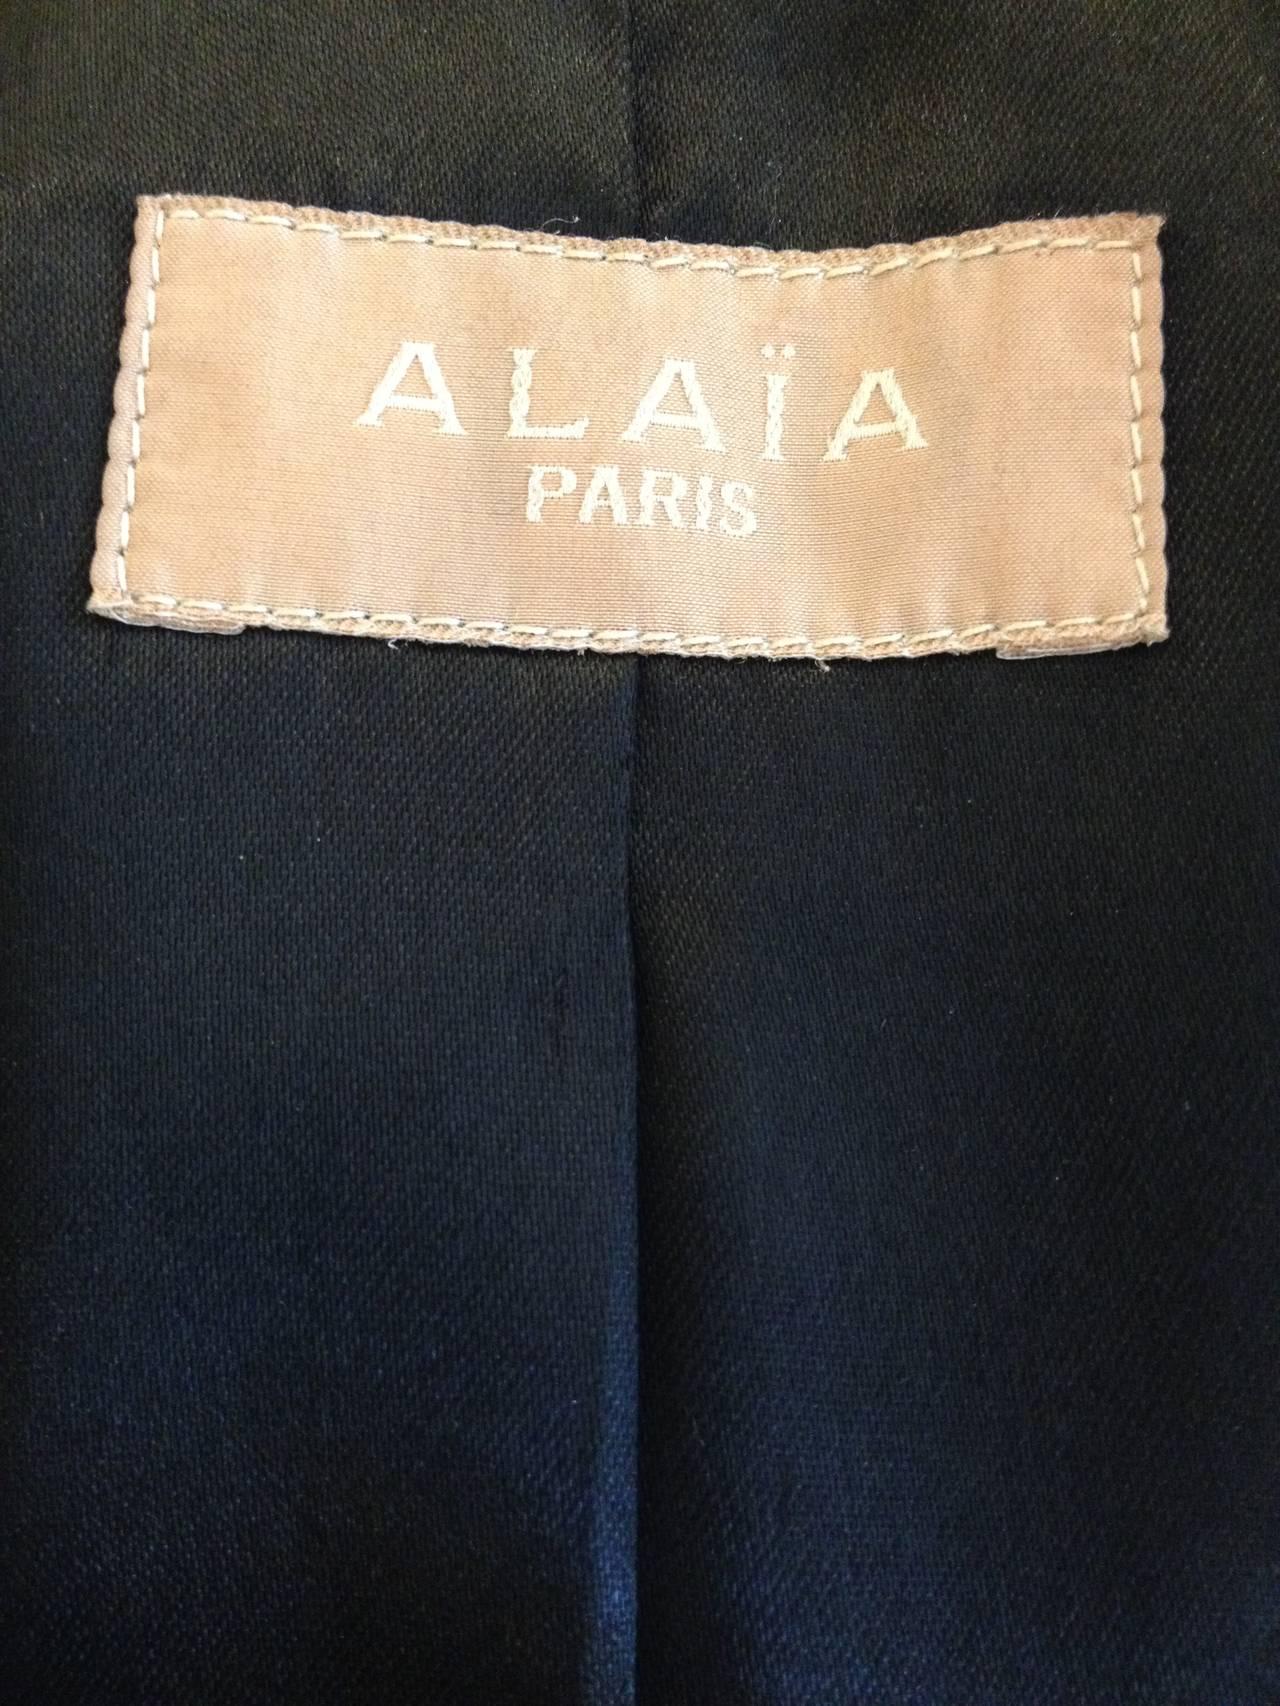 Alaia Black Leather Blazer 5